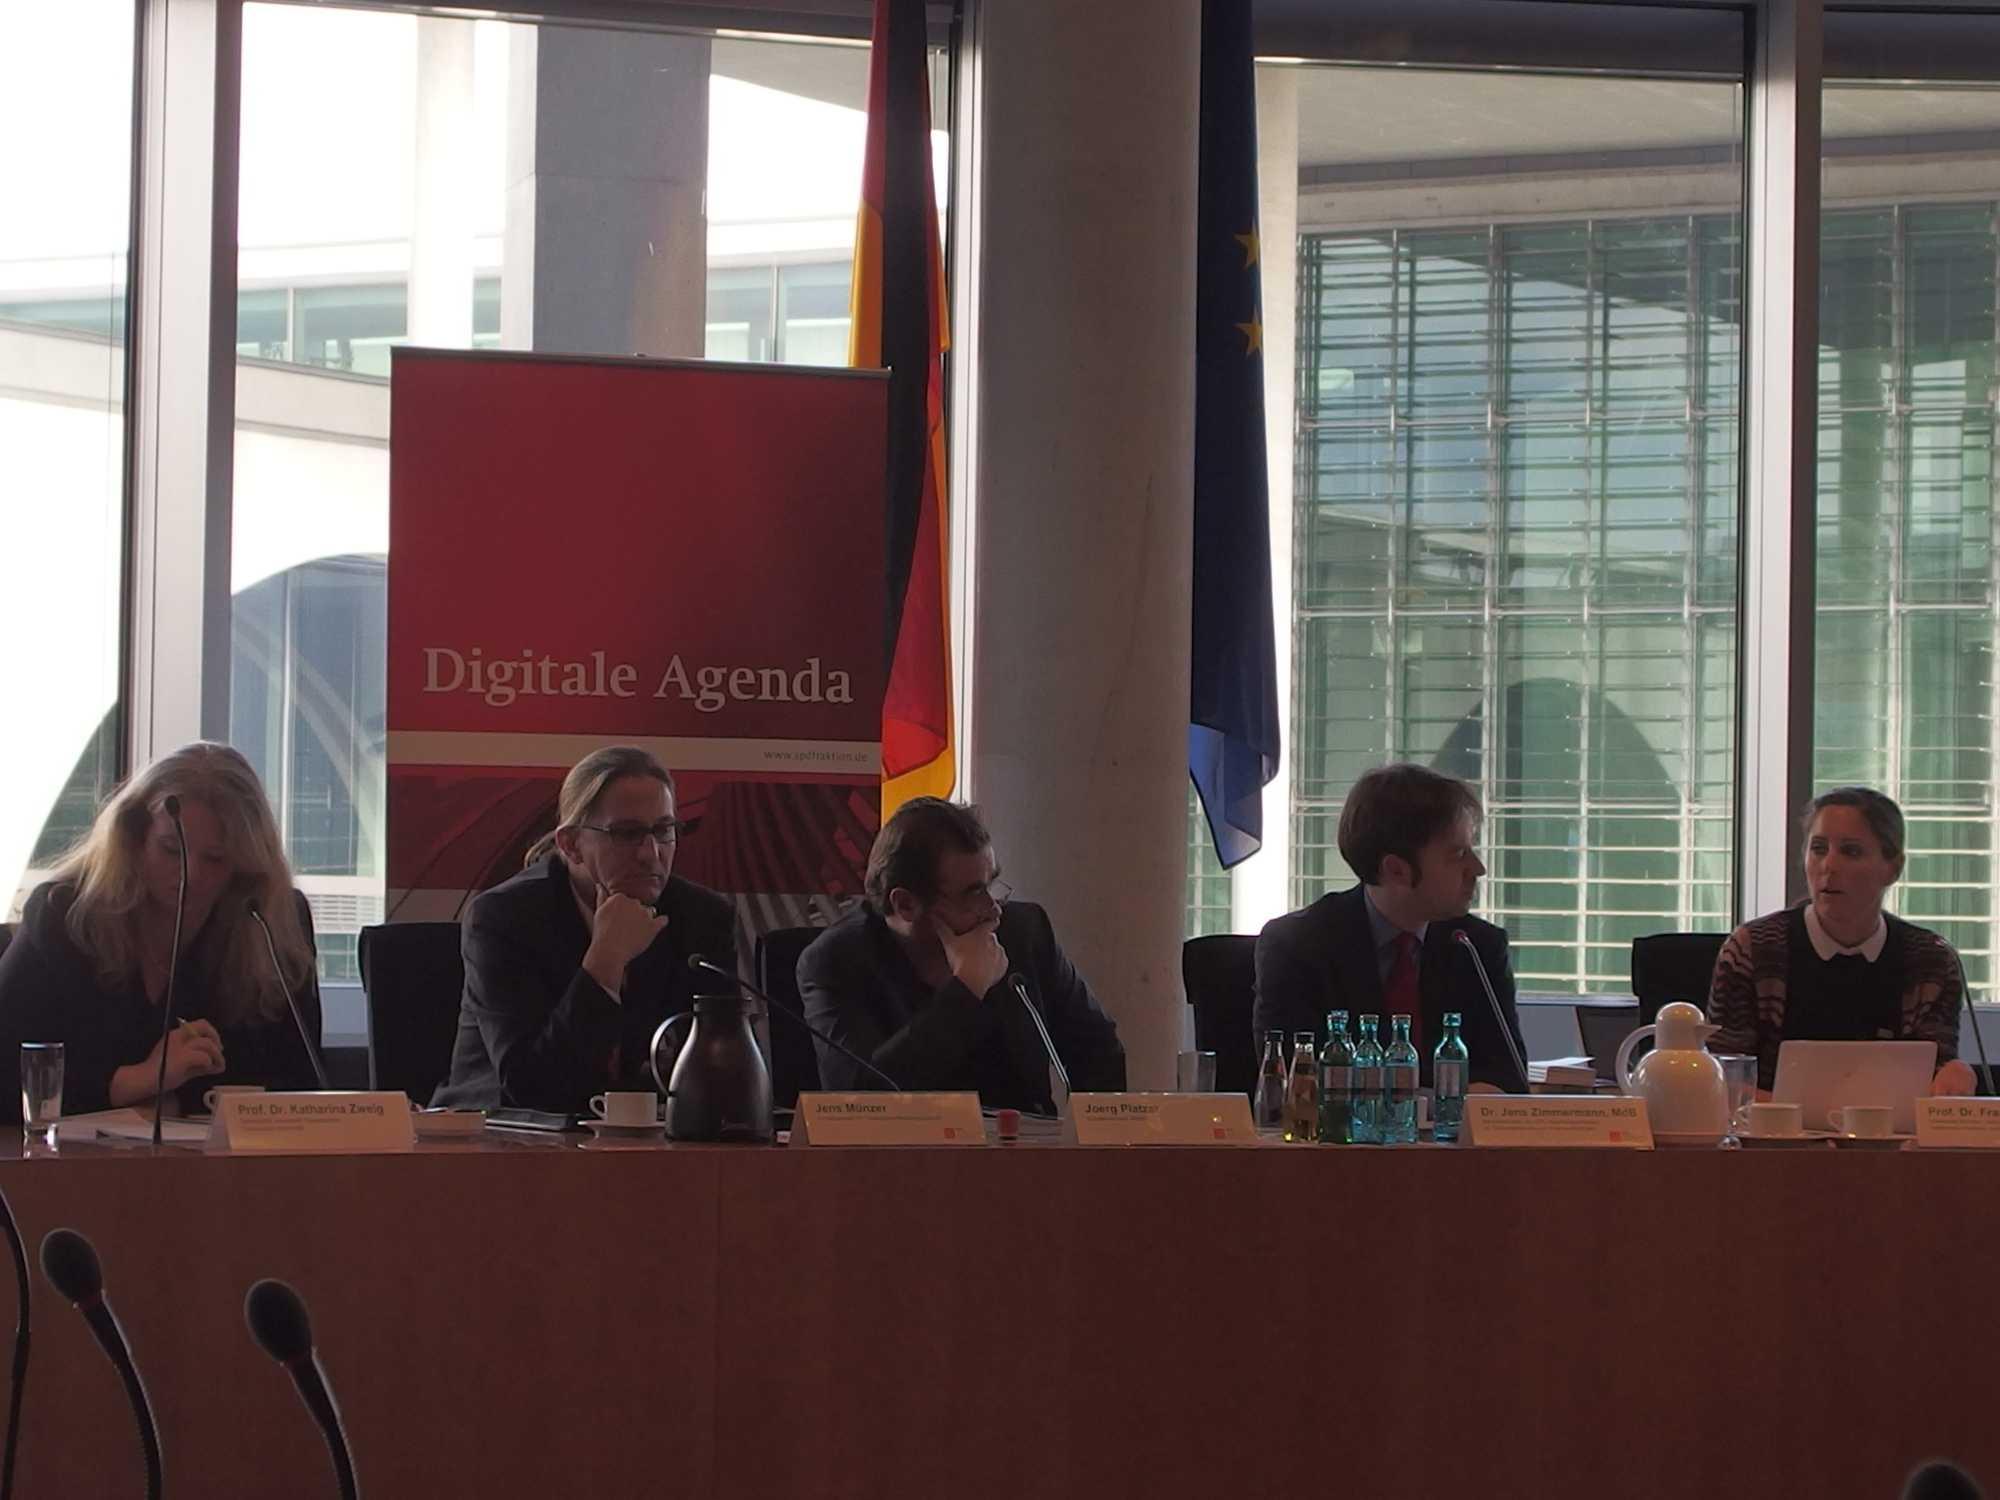 Die Expertenrunde (von l. nach r.): Prof. Katharina Zweig (TU-Kaiserslautern), Jens Münzer (BaFin), Bitcoin-Evangelist Jörg Platzer, Moderator Jens Zimmermann (SPD) und Prof. Franziska Boehm (Uni-Münster).